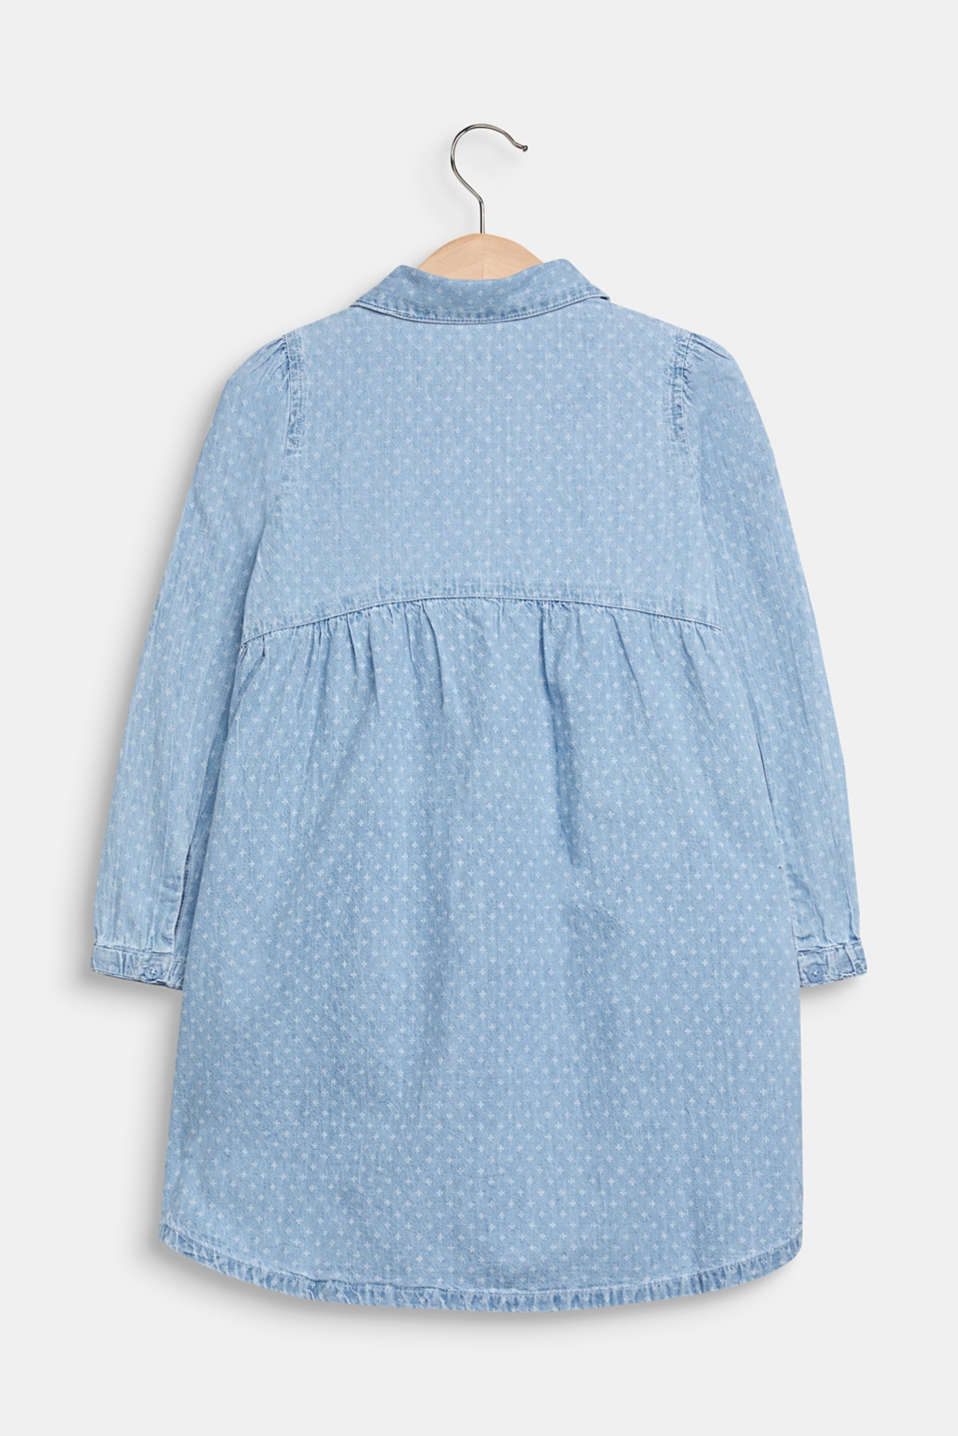 Lightweight denim dress with a print, 100% cotton, LIGHT INDIGO D, detail image number 1